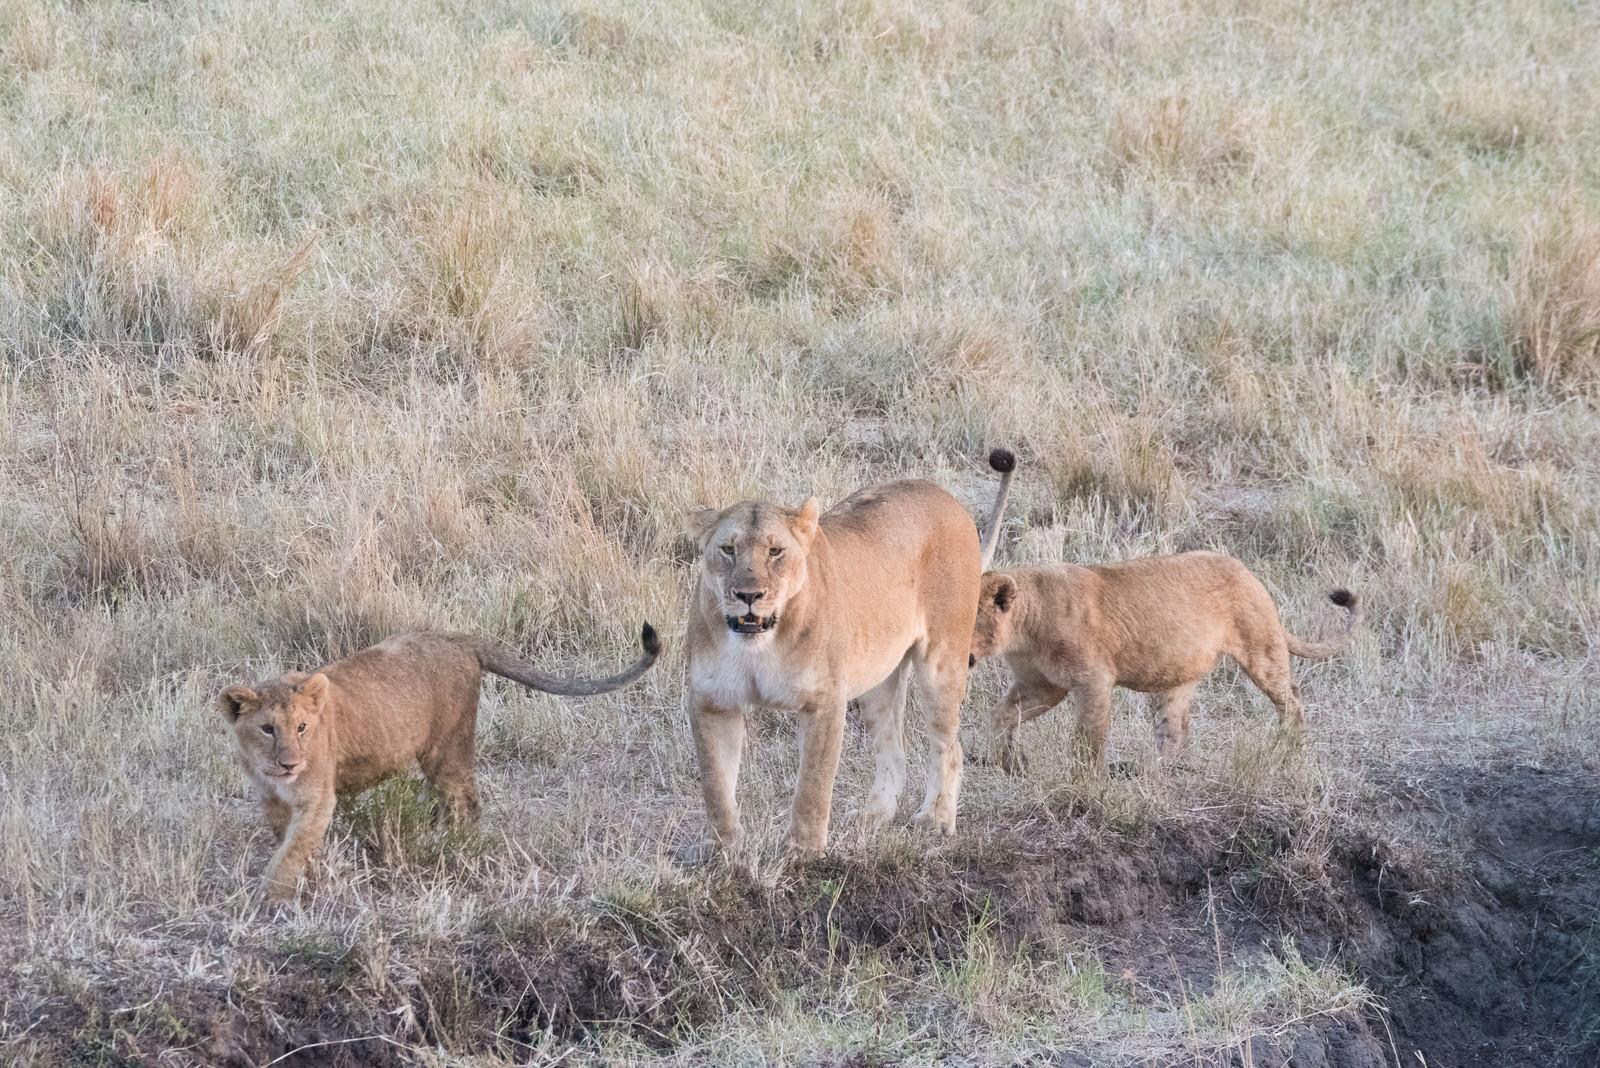 「メスの親ライオンと子ライオン(2匹)メスの親ライオンと子ライオン(2匹)」のフリー写真素材を拡大